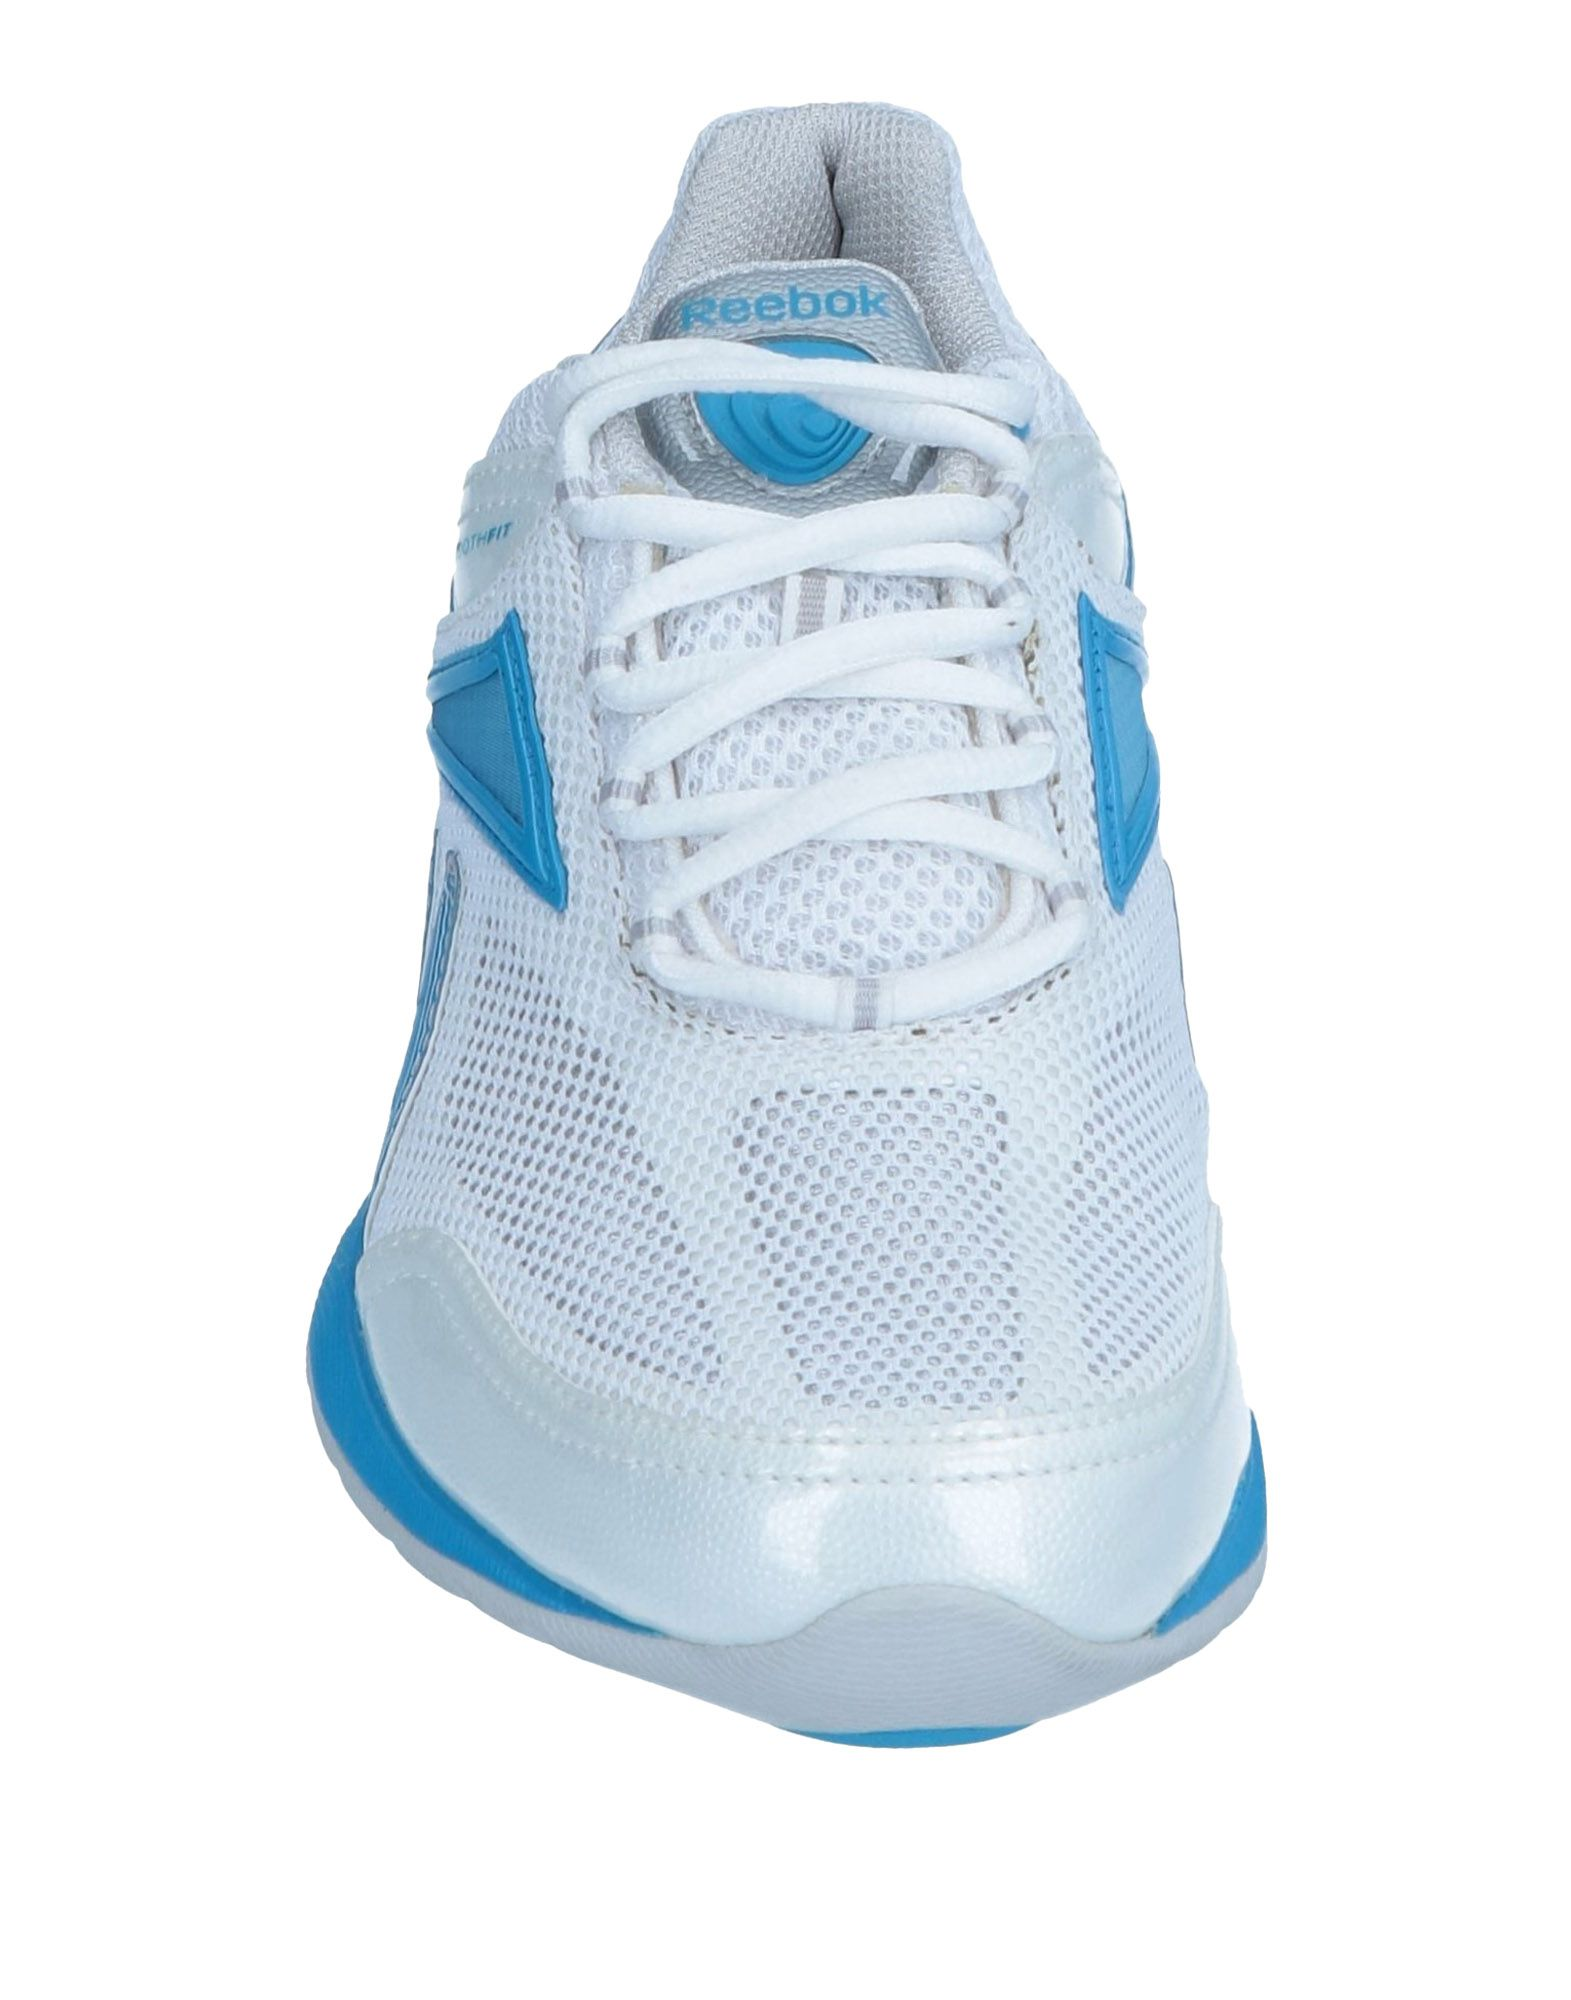 Reebok Sneakers Damen  11546157JD Schuhe Gute Qualität beliebte Schuhe 11546157JD 5eeb62